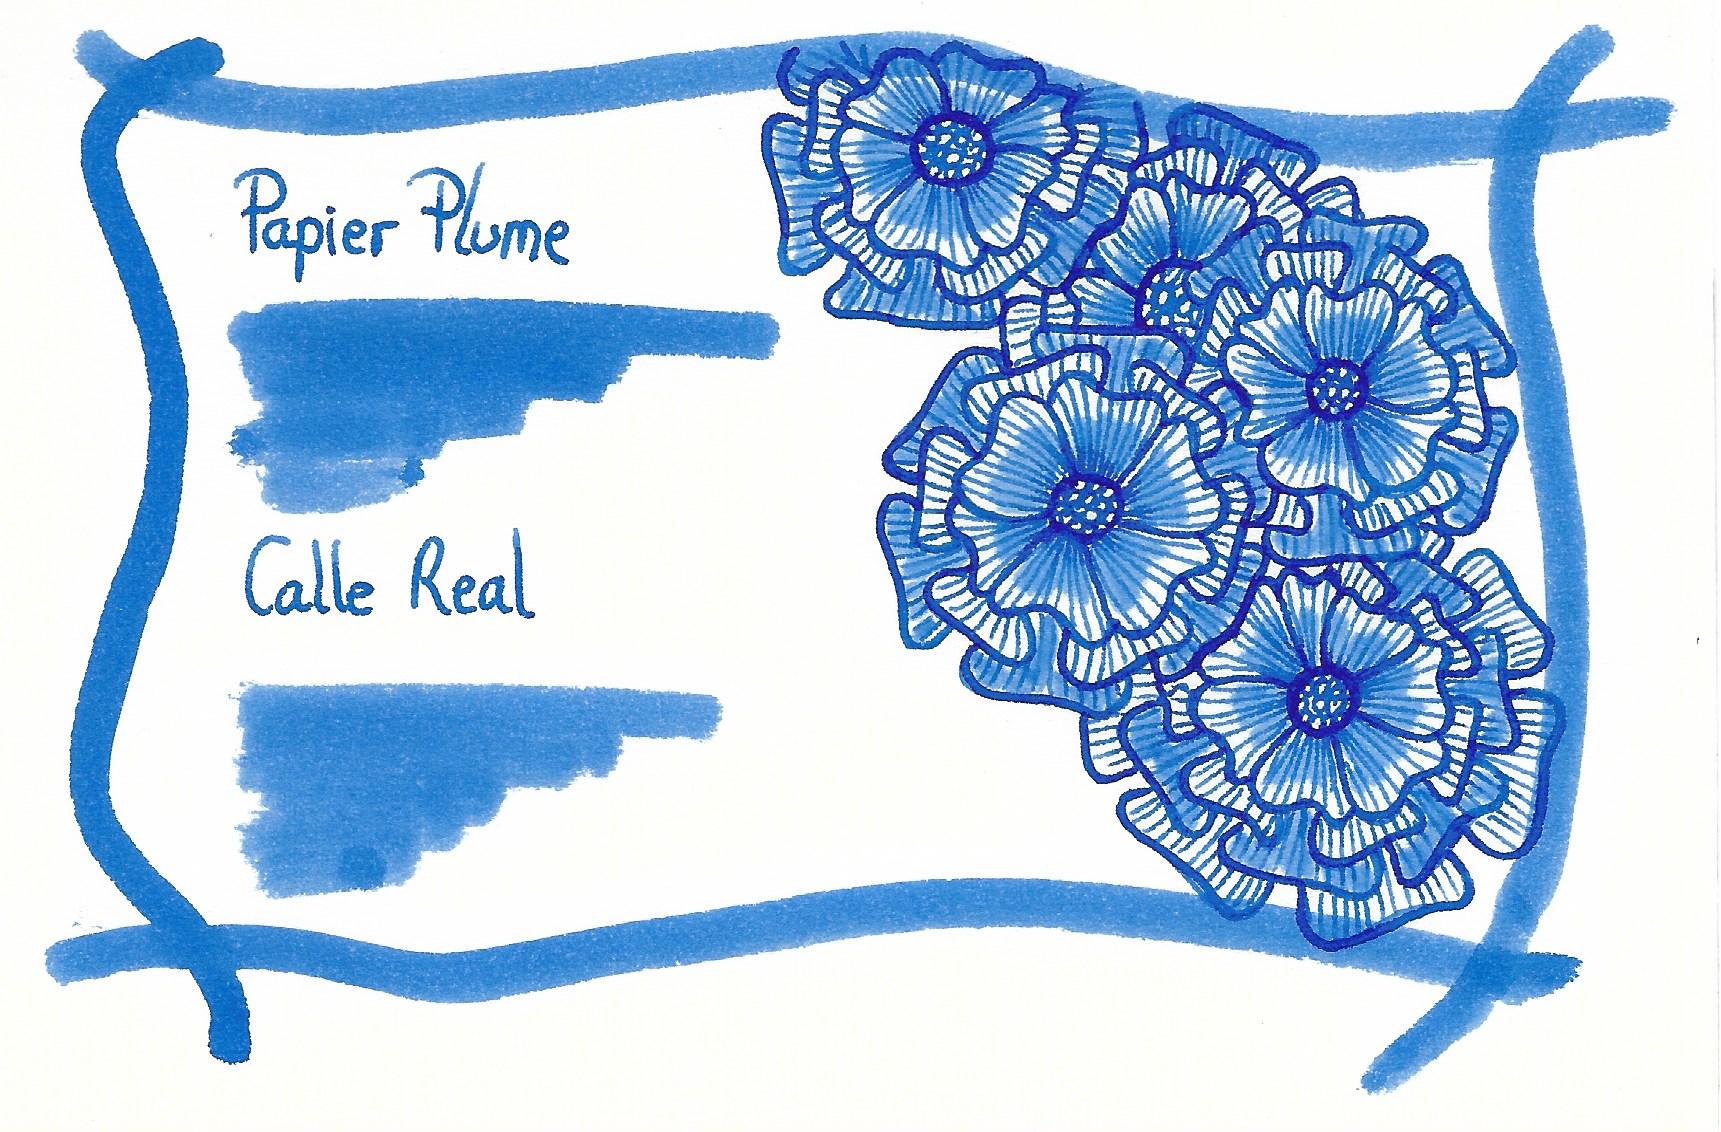 fpn_1599247144__papier_plume_-_calle_rea